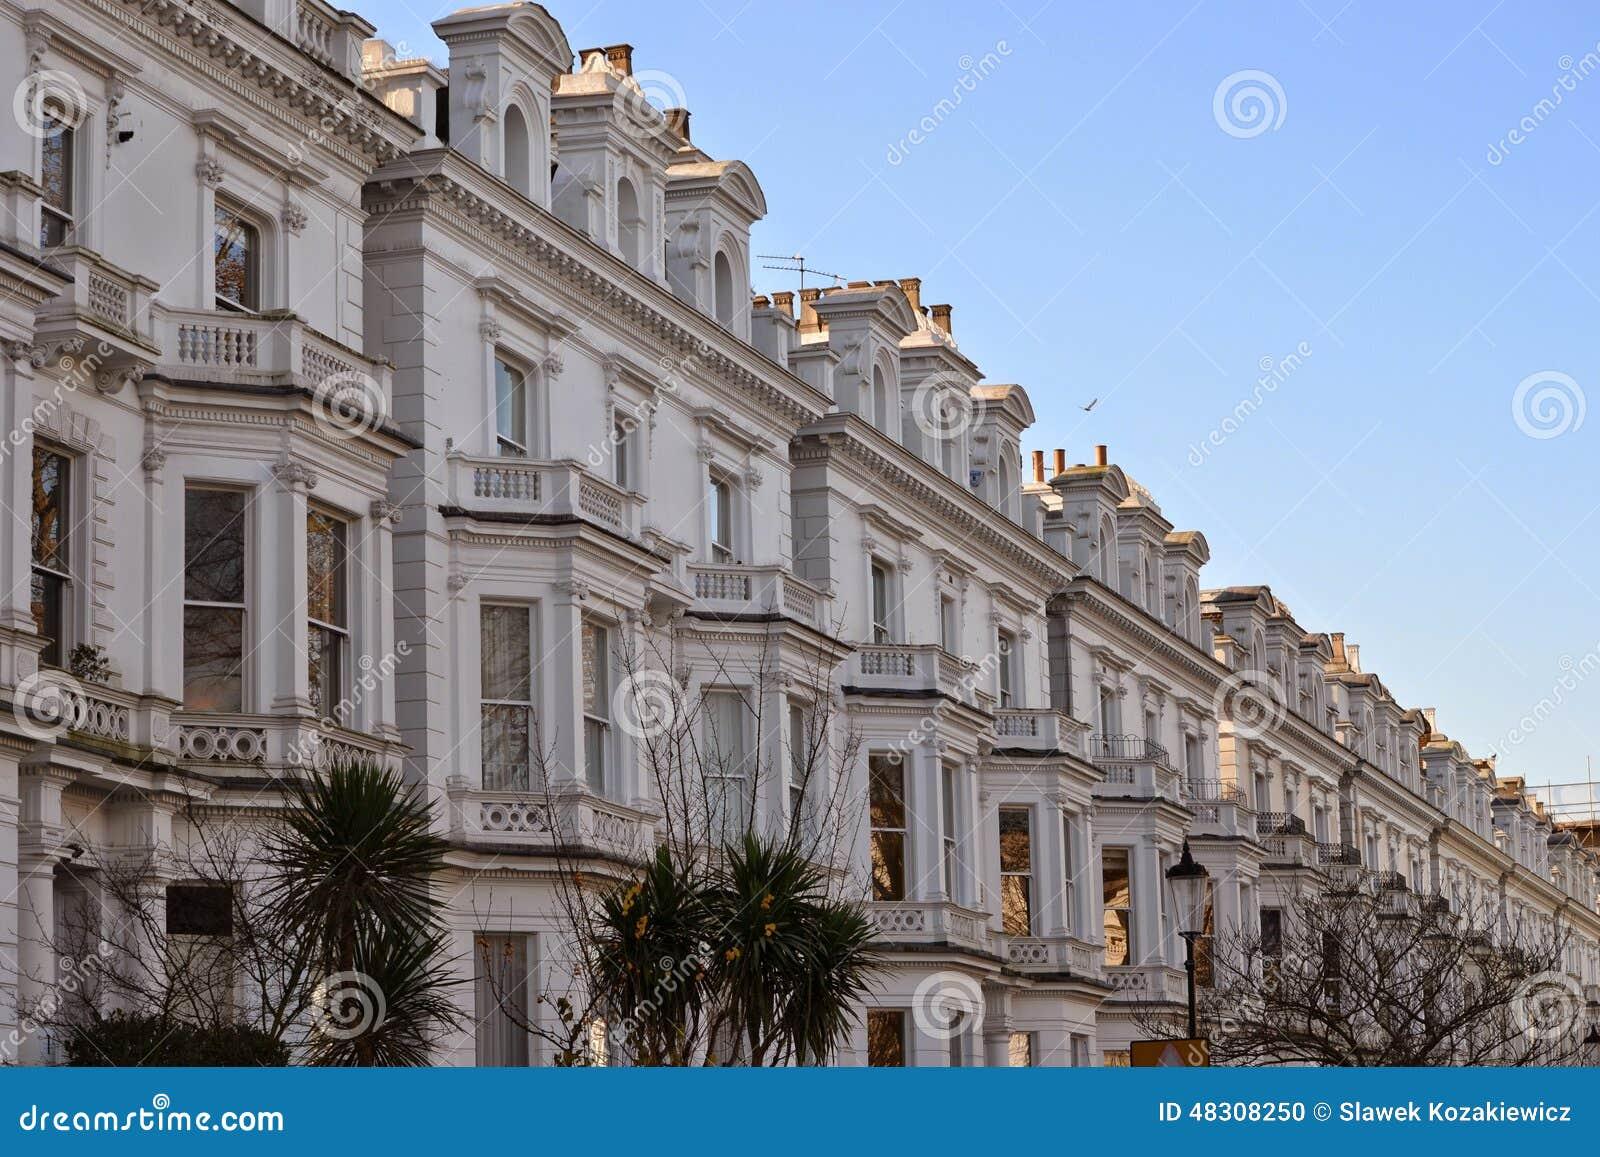 Casas de lujo notting hill londres foto de archivo - Apartamentos lujo londres ...